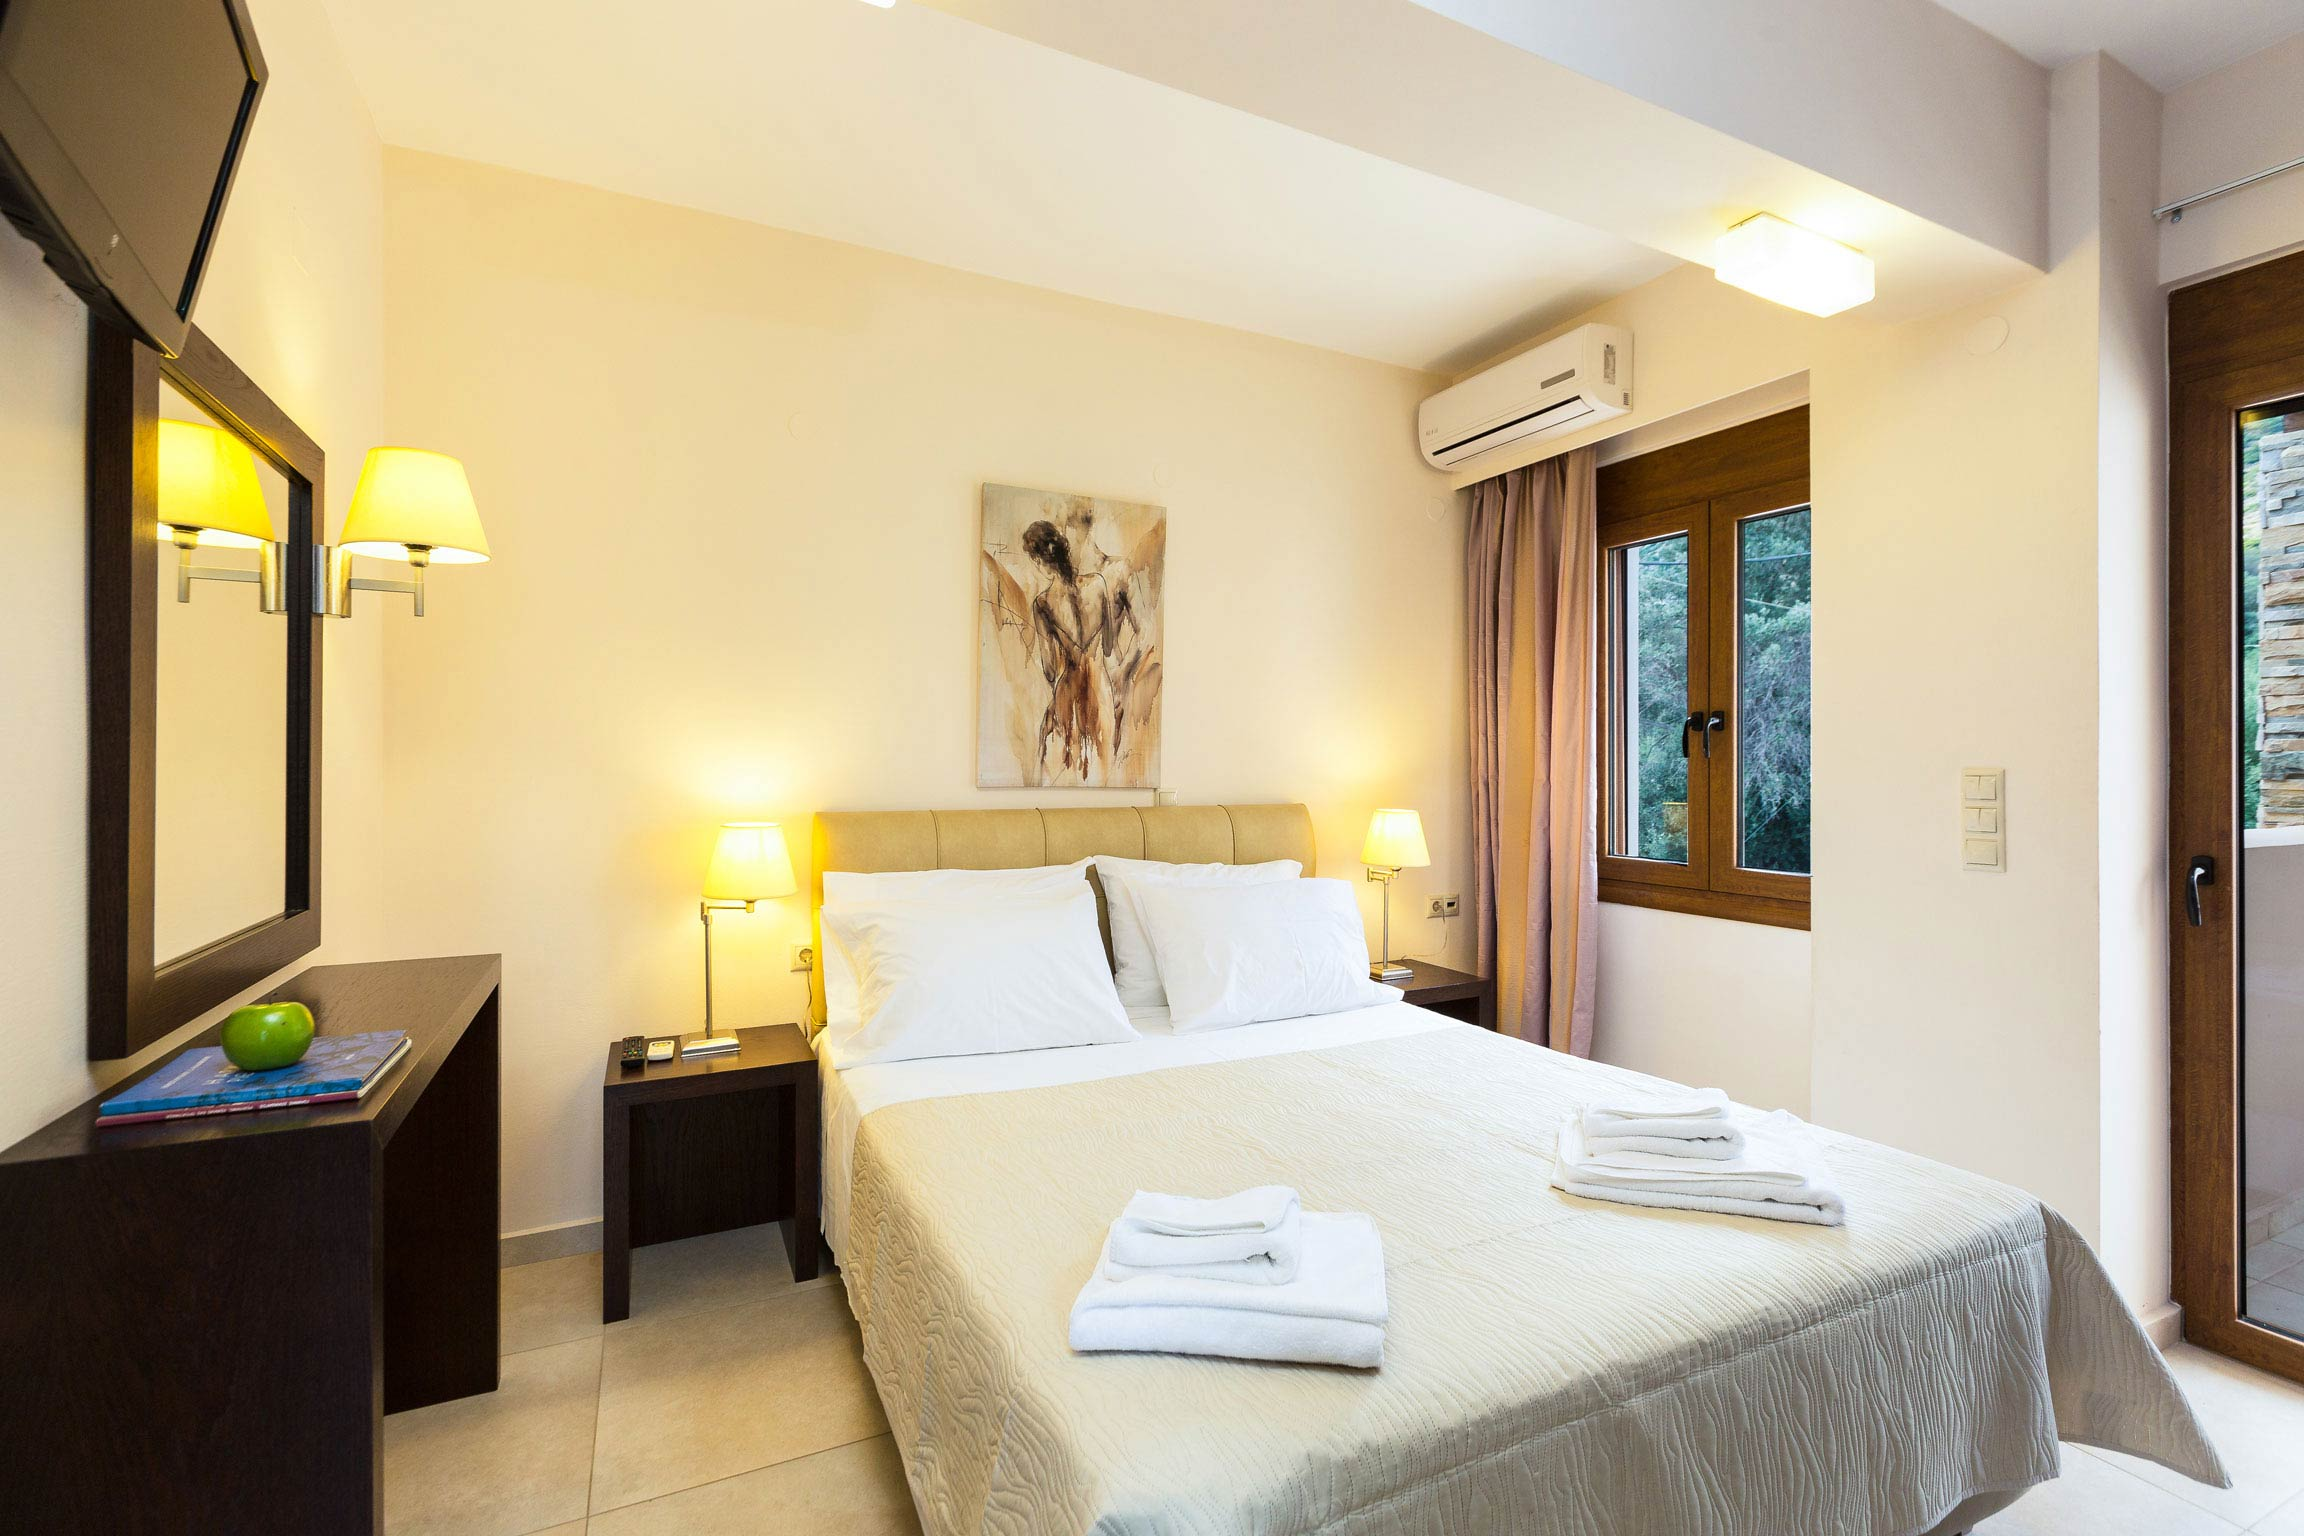 Ferienhaus Diese Villa auf zwei Ebenen ist der perfekte Ort, um in Rethymnon auf Kreta weh zu bleiben (2623387), Roumeli, Kreta Nordküste, Kreta, Griechenland, Bild 23